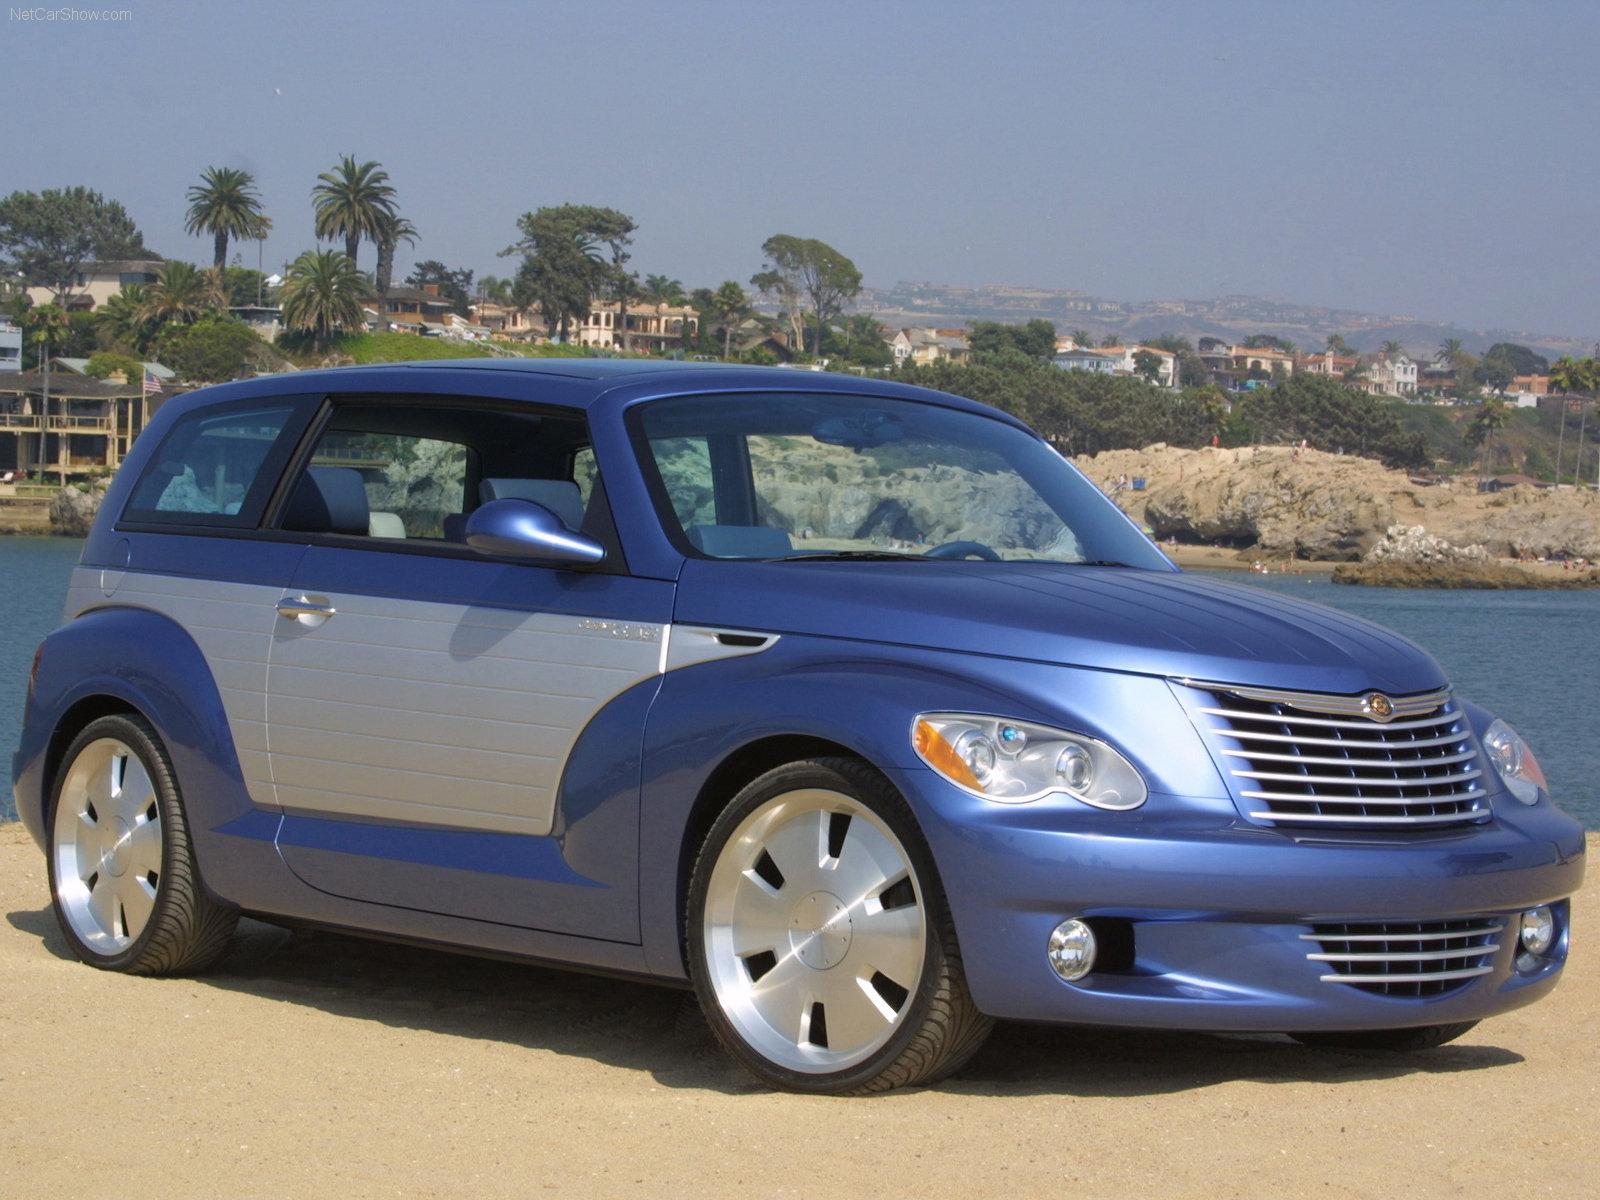 Hình ảnh xe ô tô Chrysler California Cruiser Concept 2002 & nội ngoại thất